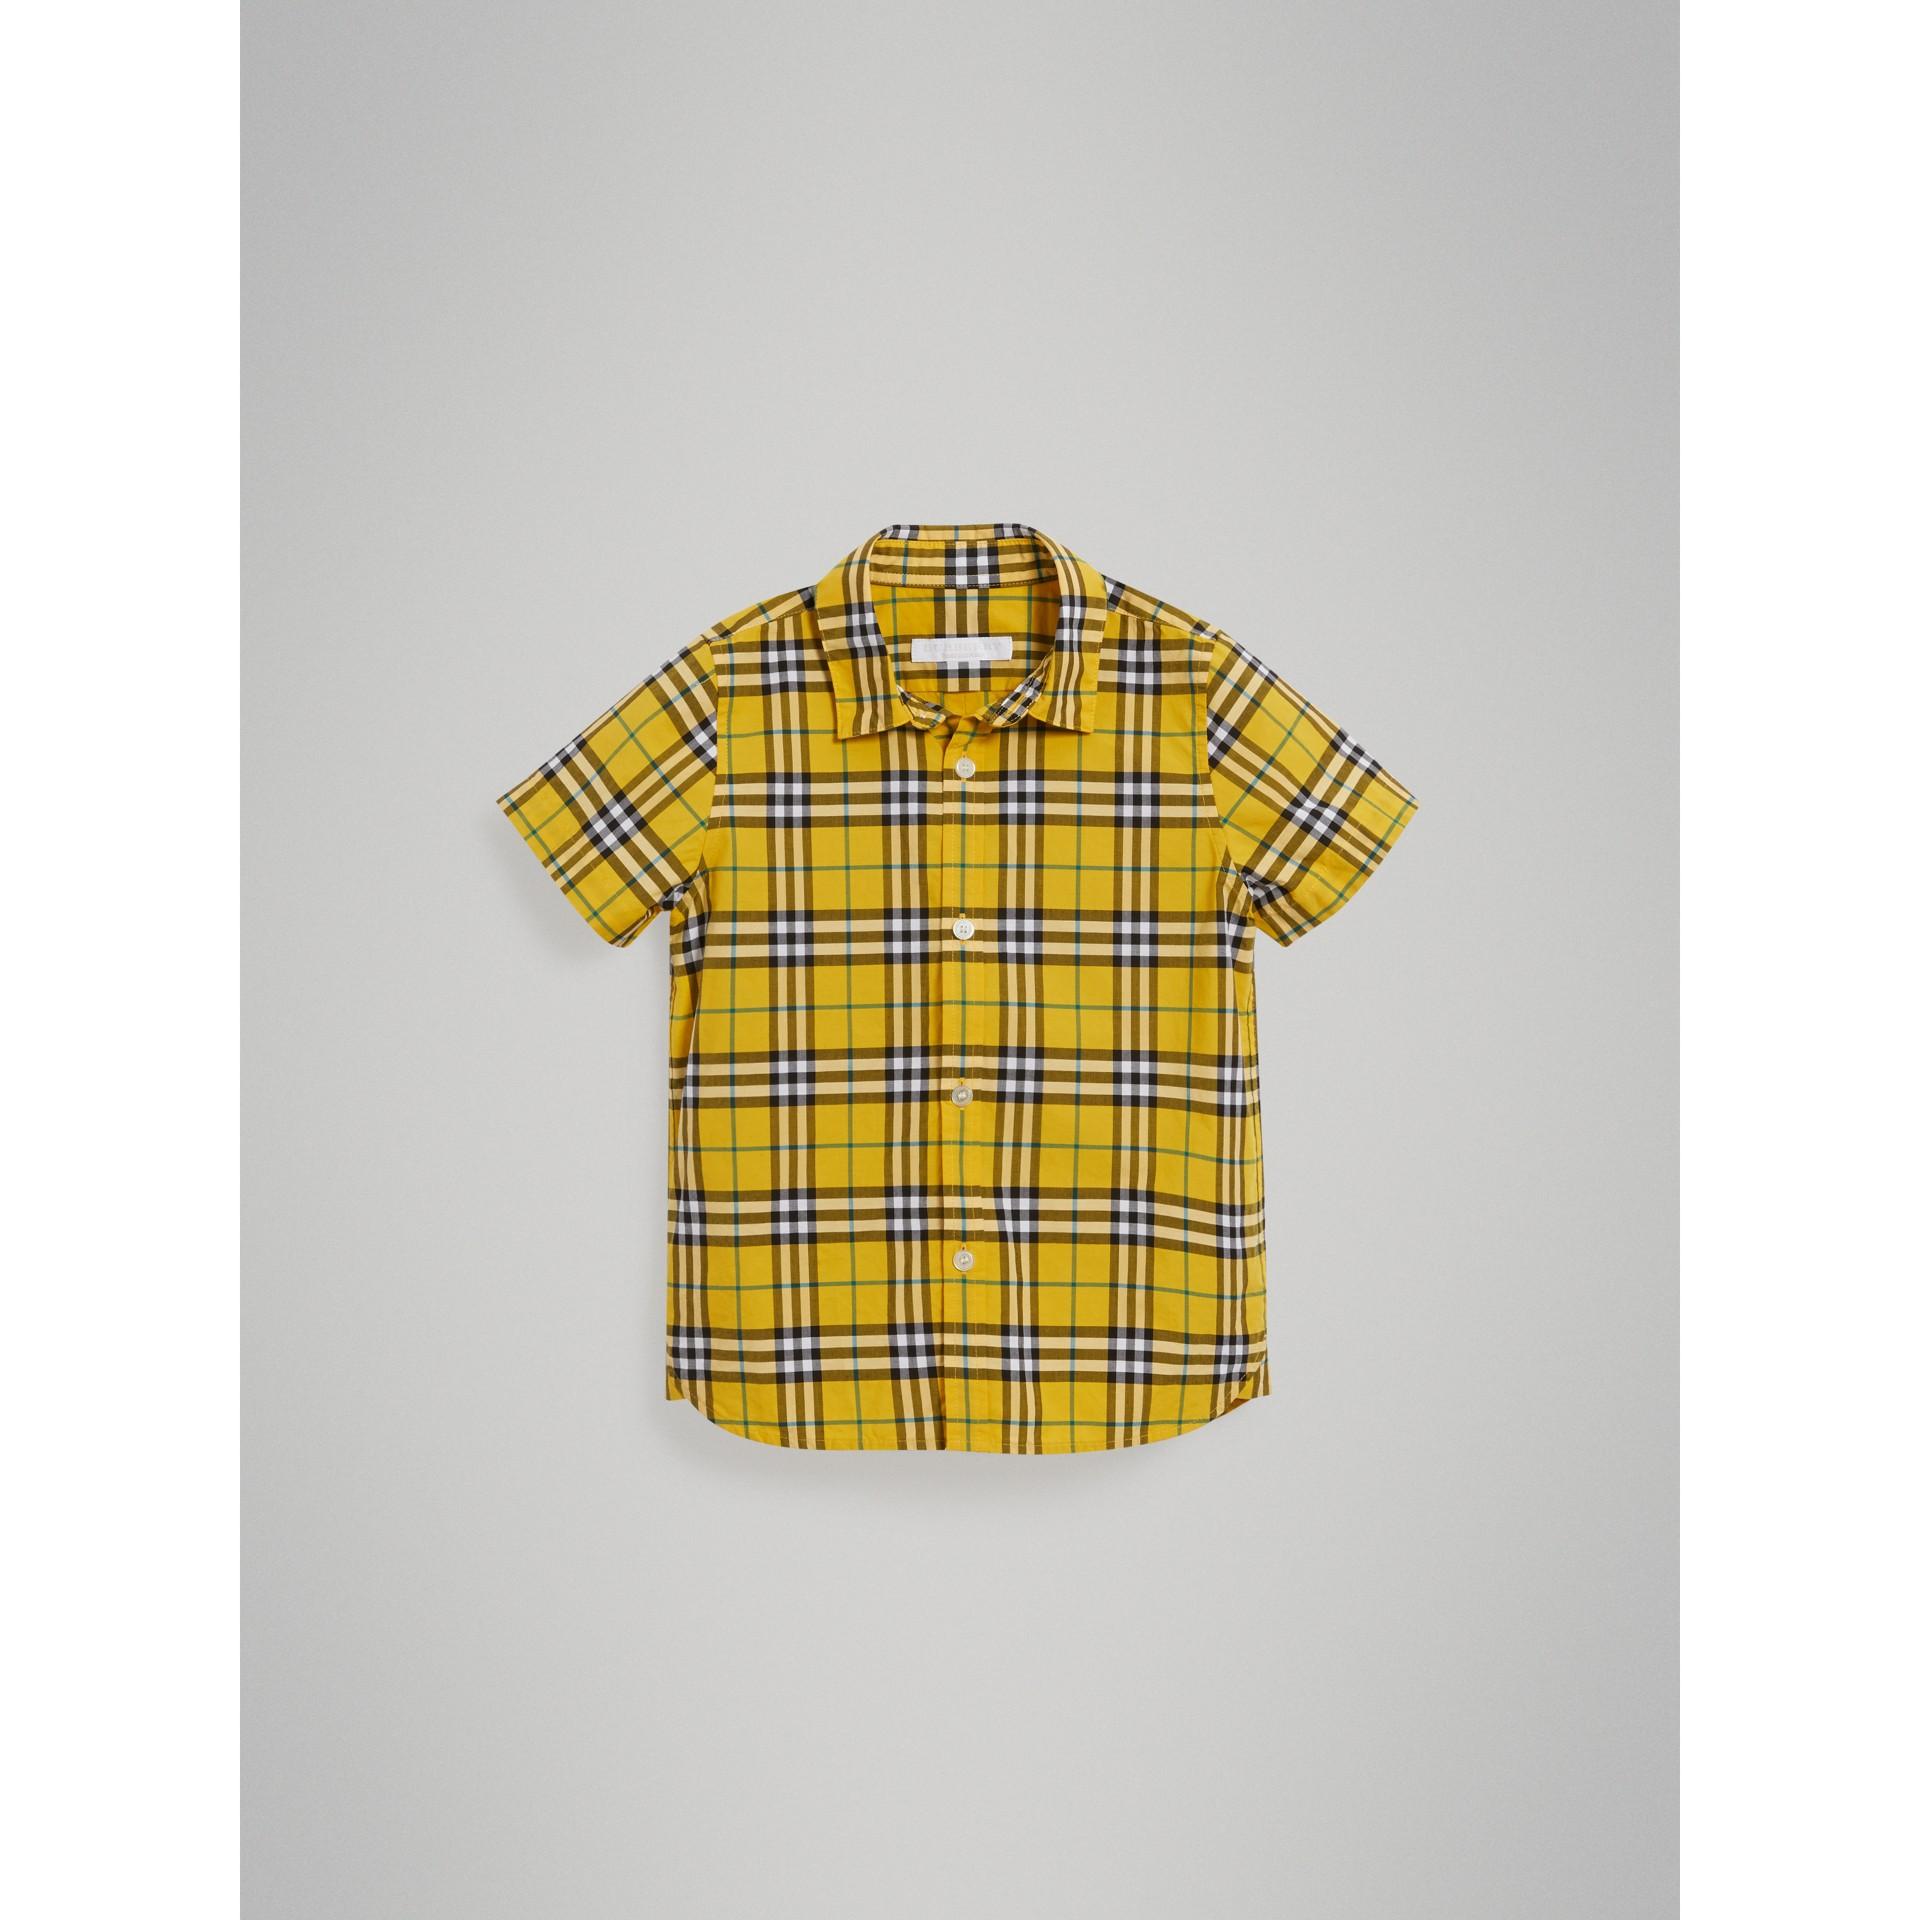 Chemise en coton à manches courtes avec motif check (Jaune Vif) - Garçon | Burberry - photo de la galerie 2